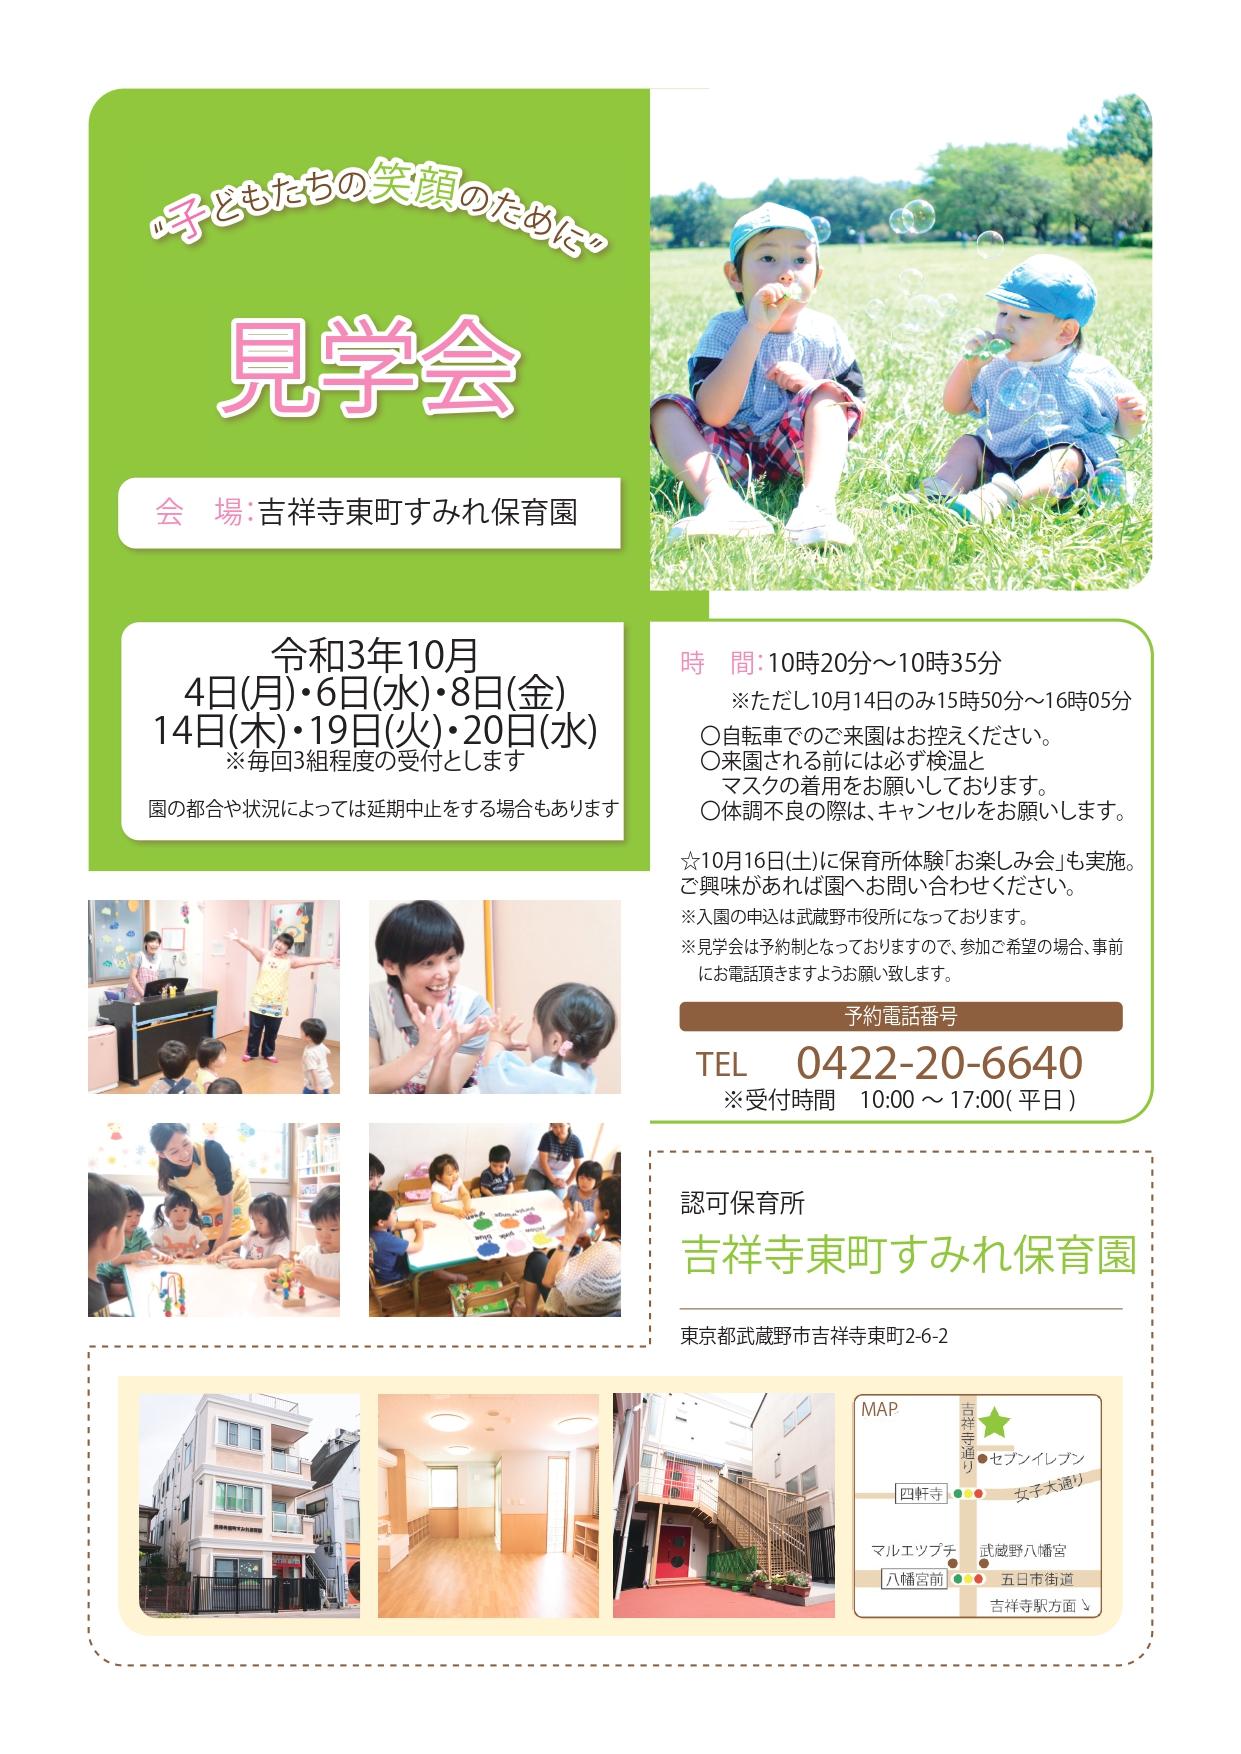 吉祥寺東町見学会R4_page-0001